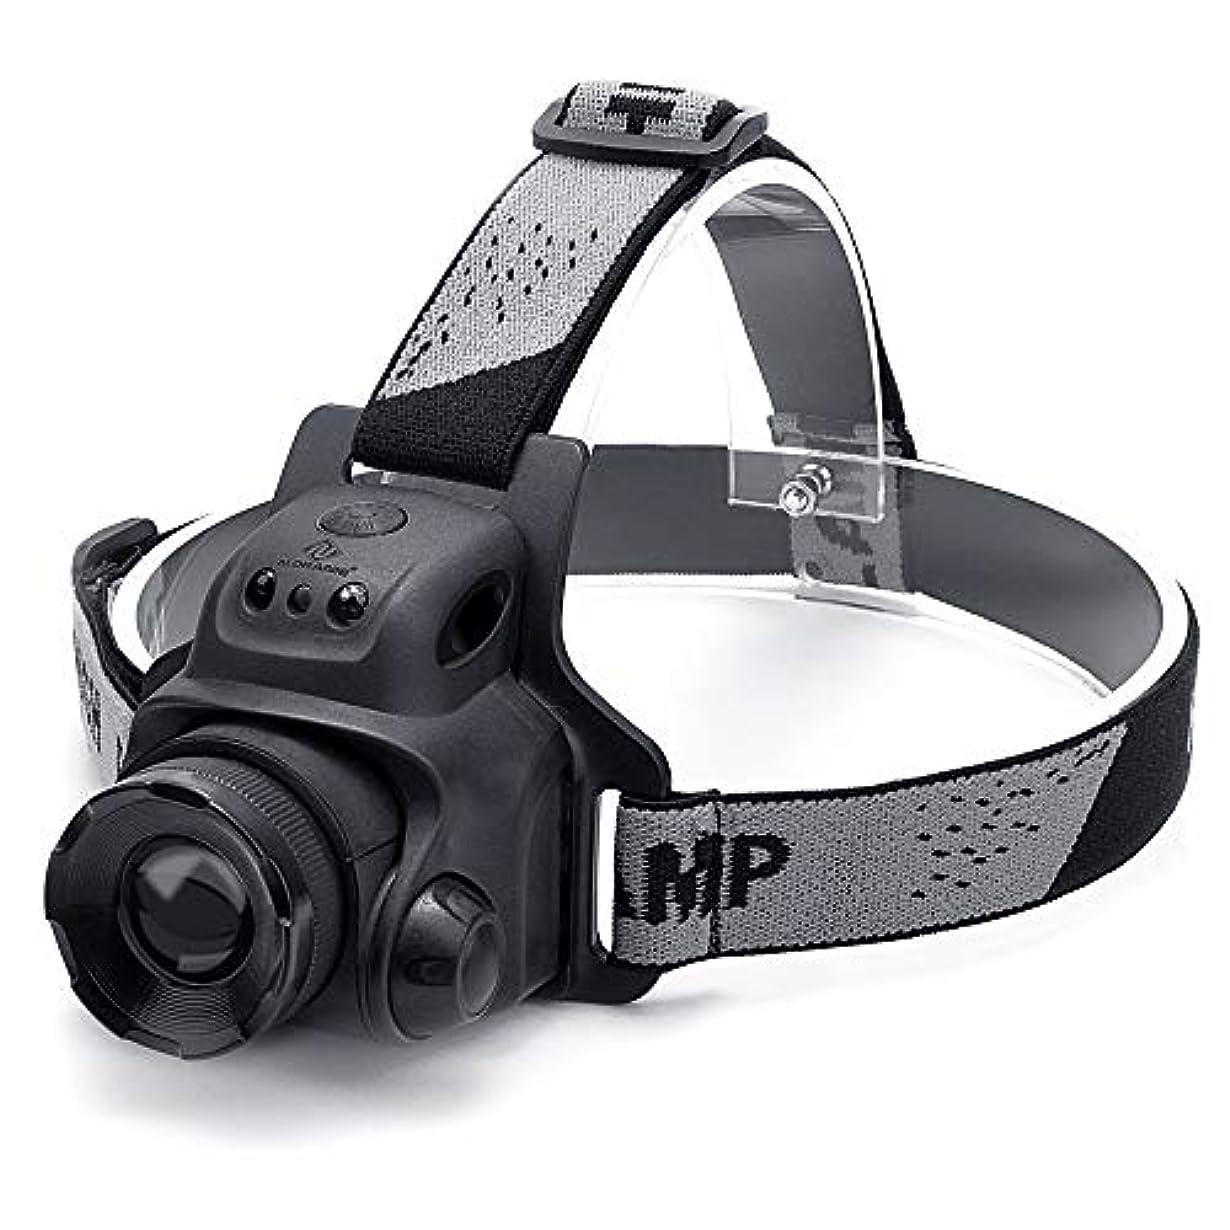 ブランデー反動キャンセルNN.ORANIE LEDヘッドライト usb充電式 センサー機能 2000mAh IP65防水 3点灯モード ズーム機能搭載 角度調節可能 登山/夜釣り/キャンプ/防災/作業用